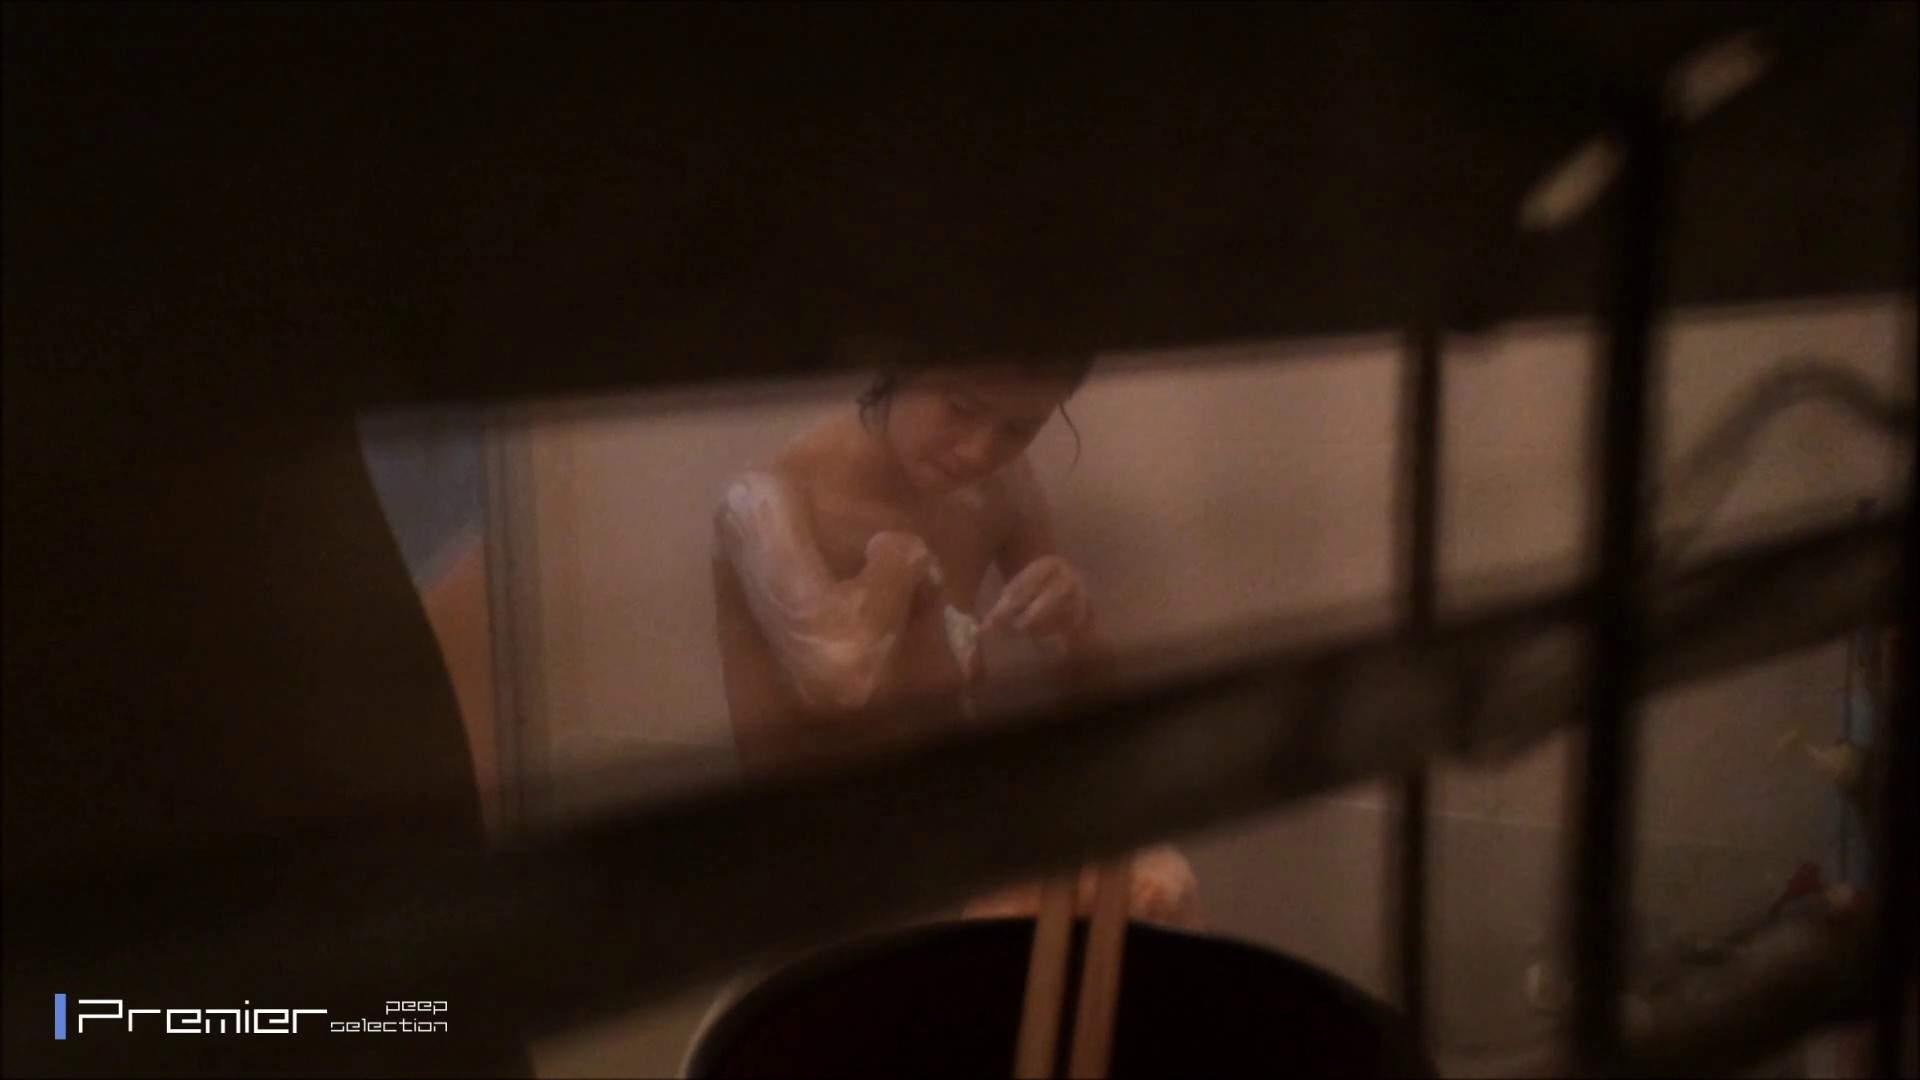 高画質フルハイビジョン スレンダー美女の入浴 乙女の風呂場 Vol.04 OLハメ撮り  94Pix 63